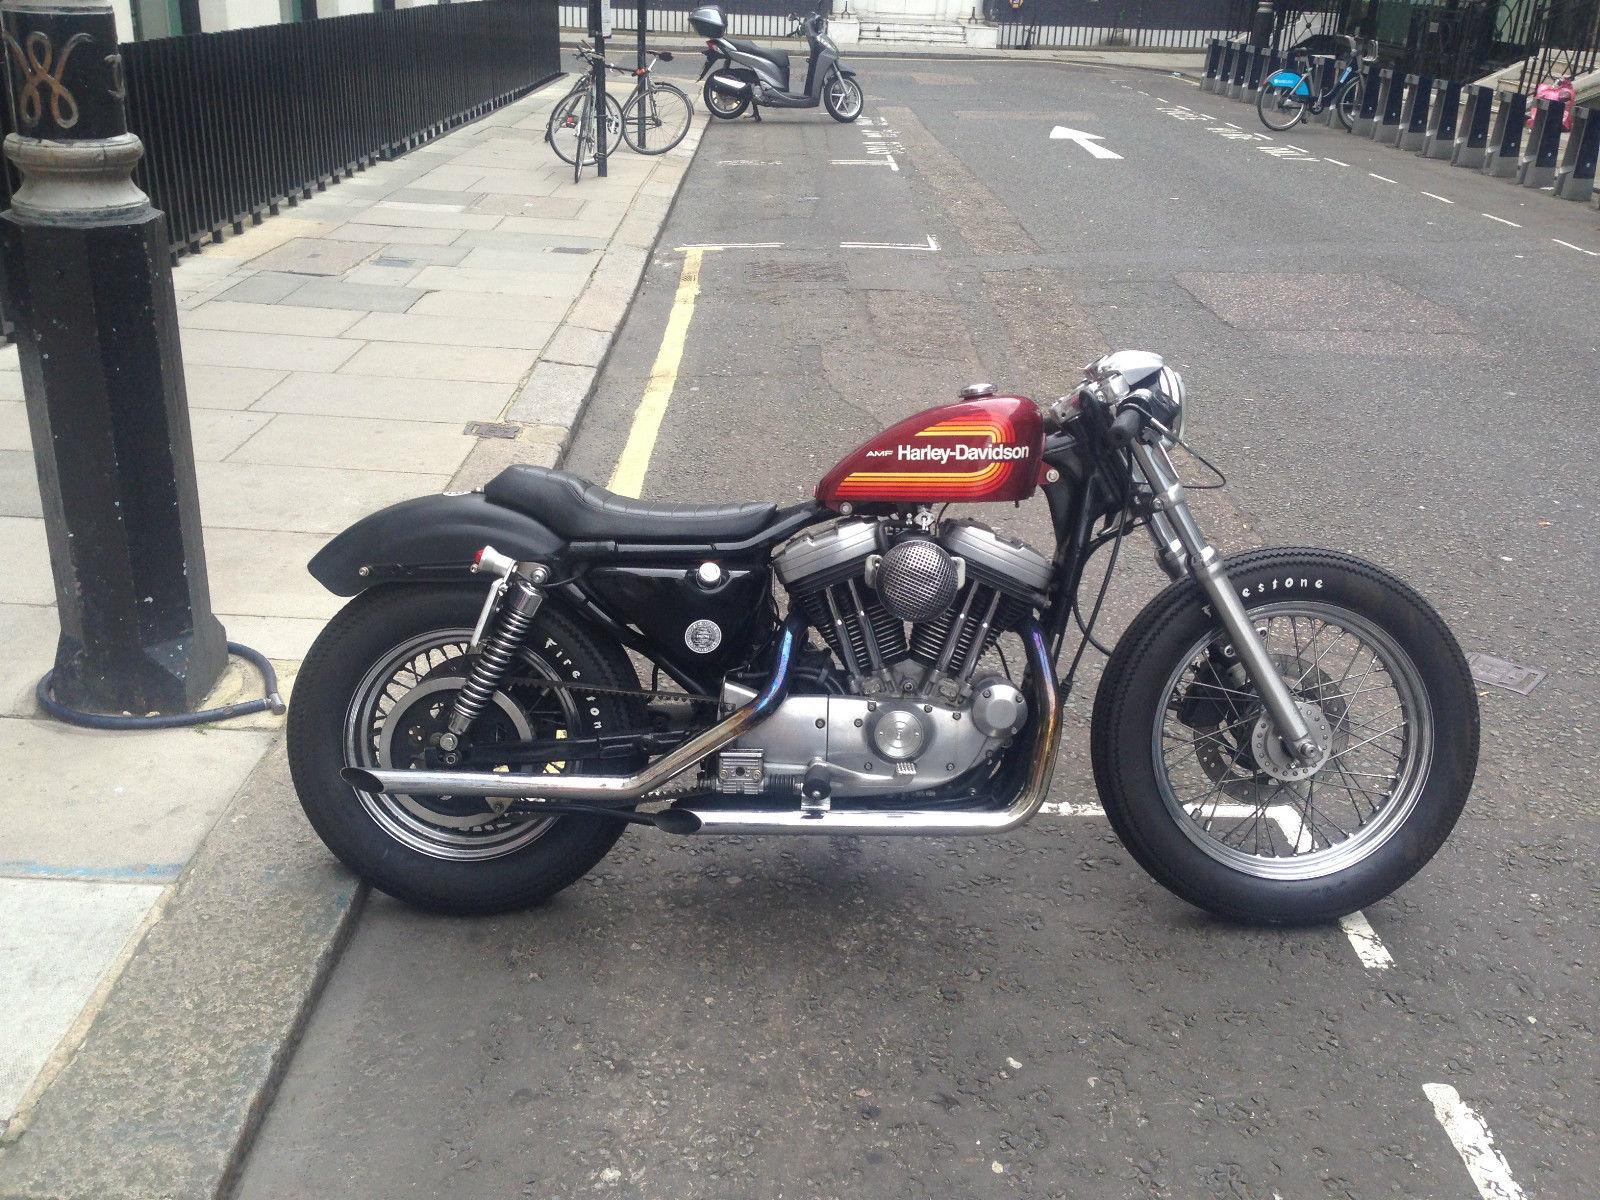 Harley Davidson Sportster 1200 Cafe Racer Amf 883